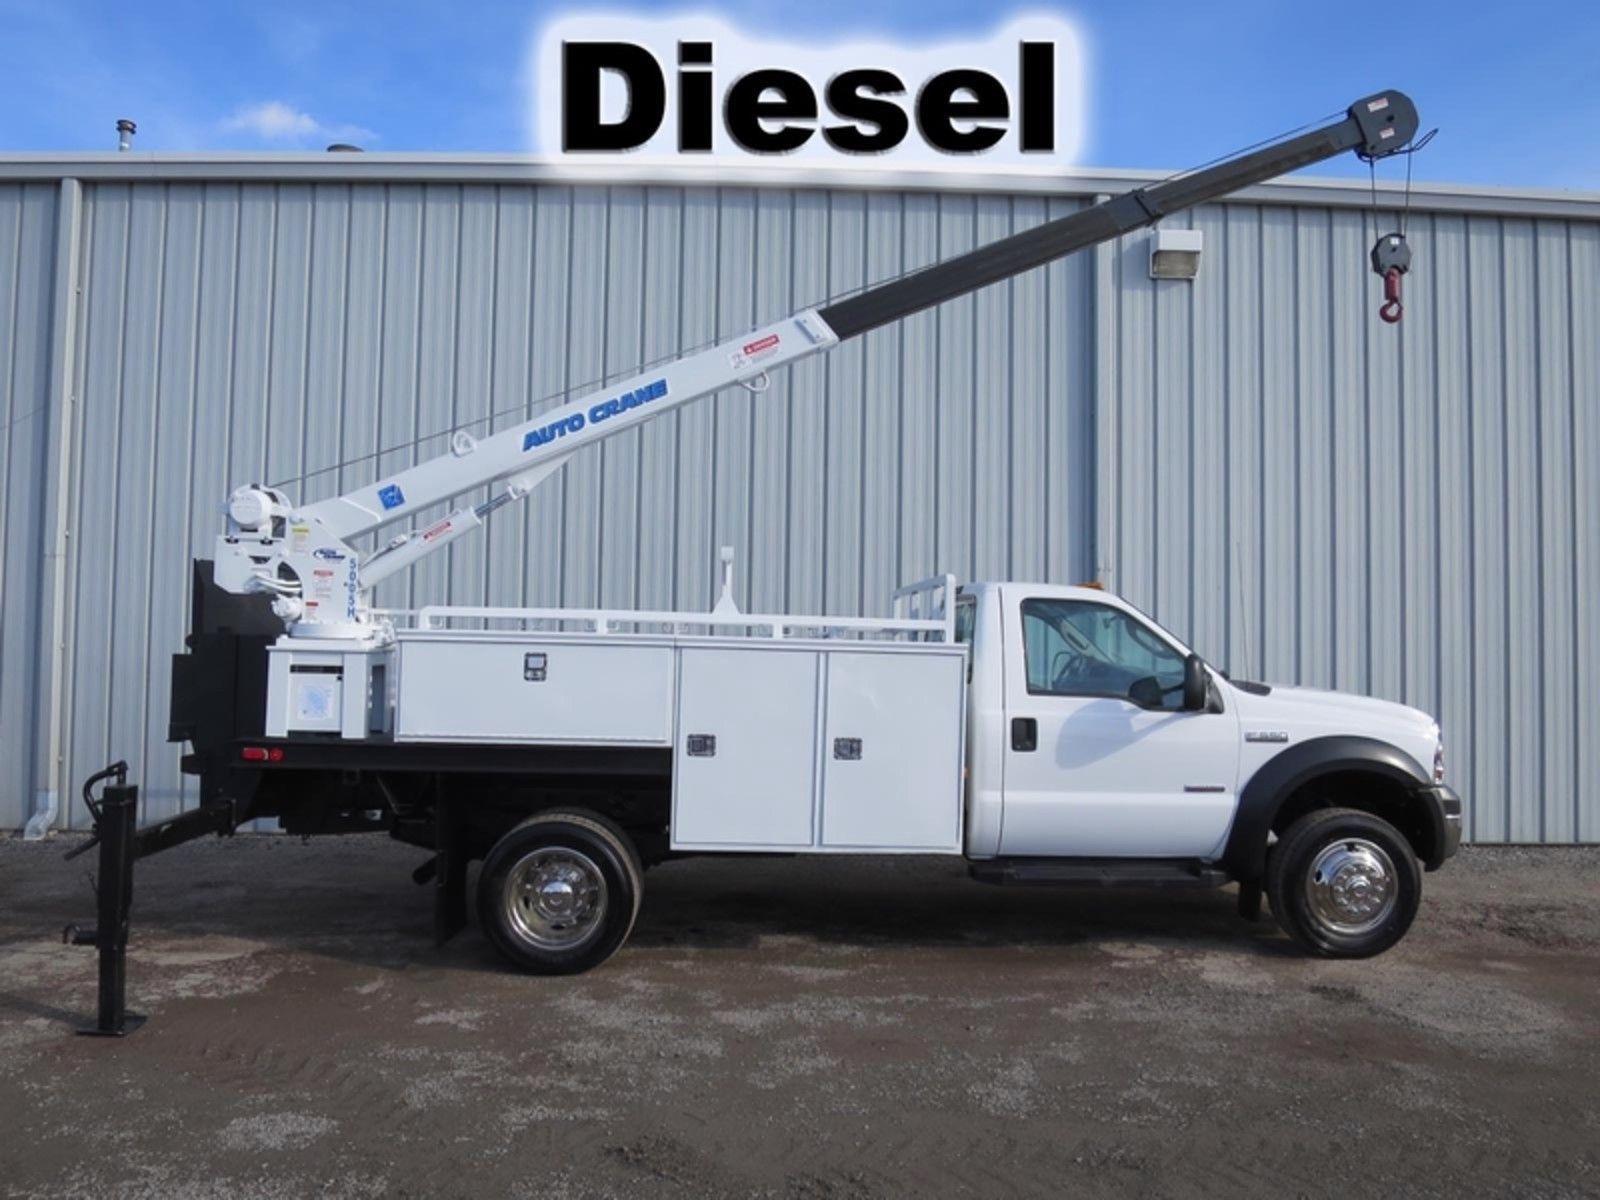 F550 Diesel Utility Service Mechanics 5000lb Auto Crane Boom Tank Truck Utility Services Work Truck Truck Auction